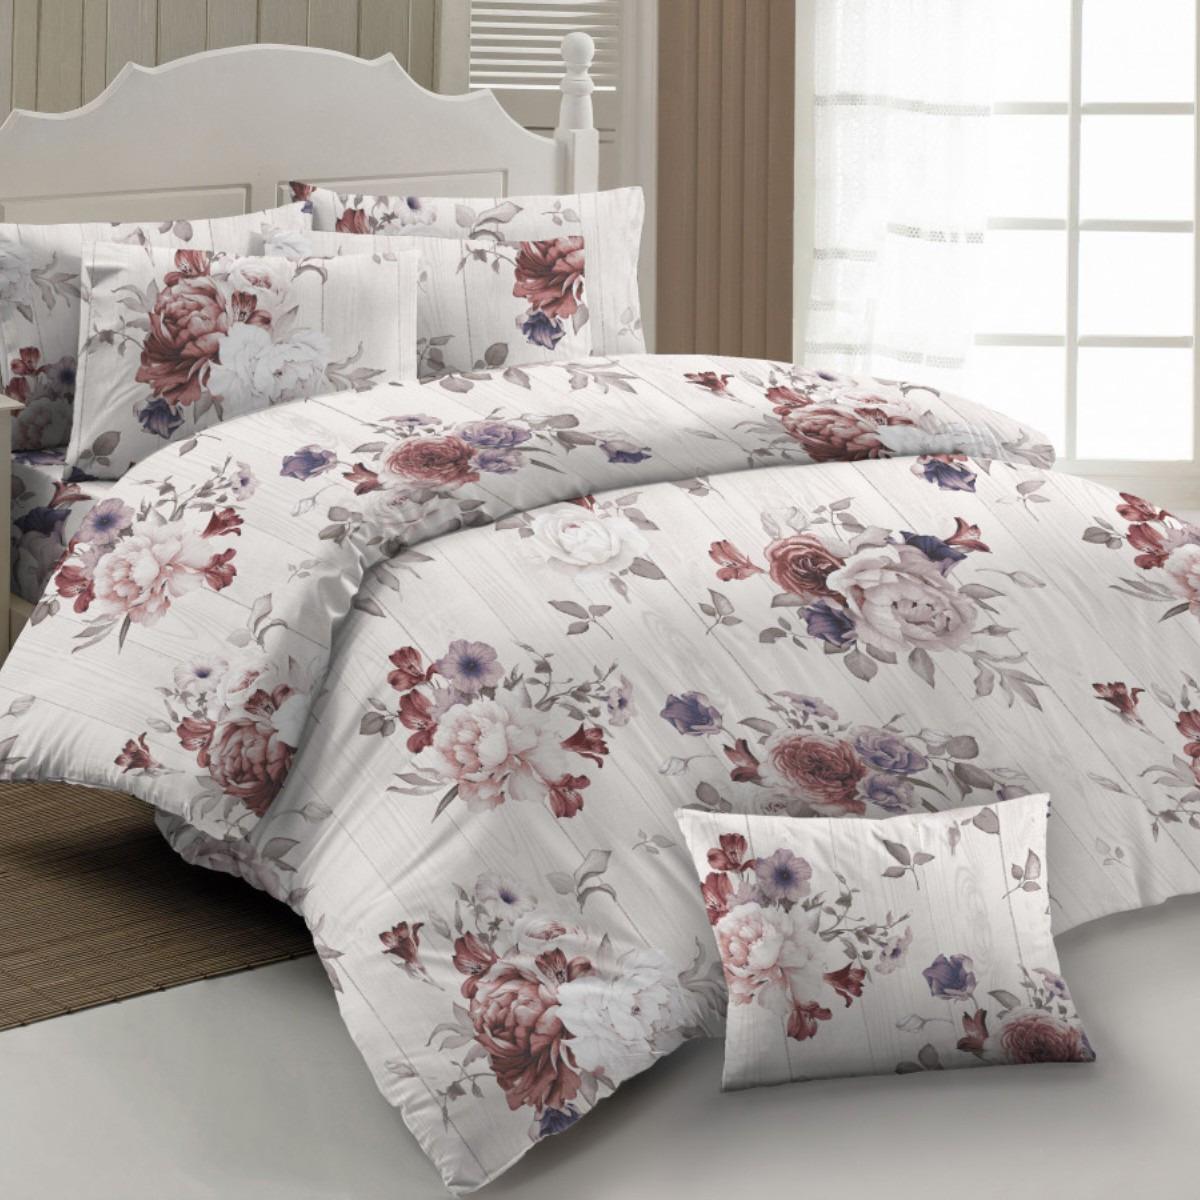 Комплект постельного белья Letto, 1,5-спальный, наволочки 70х70. B401-3